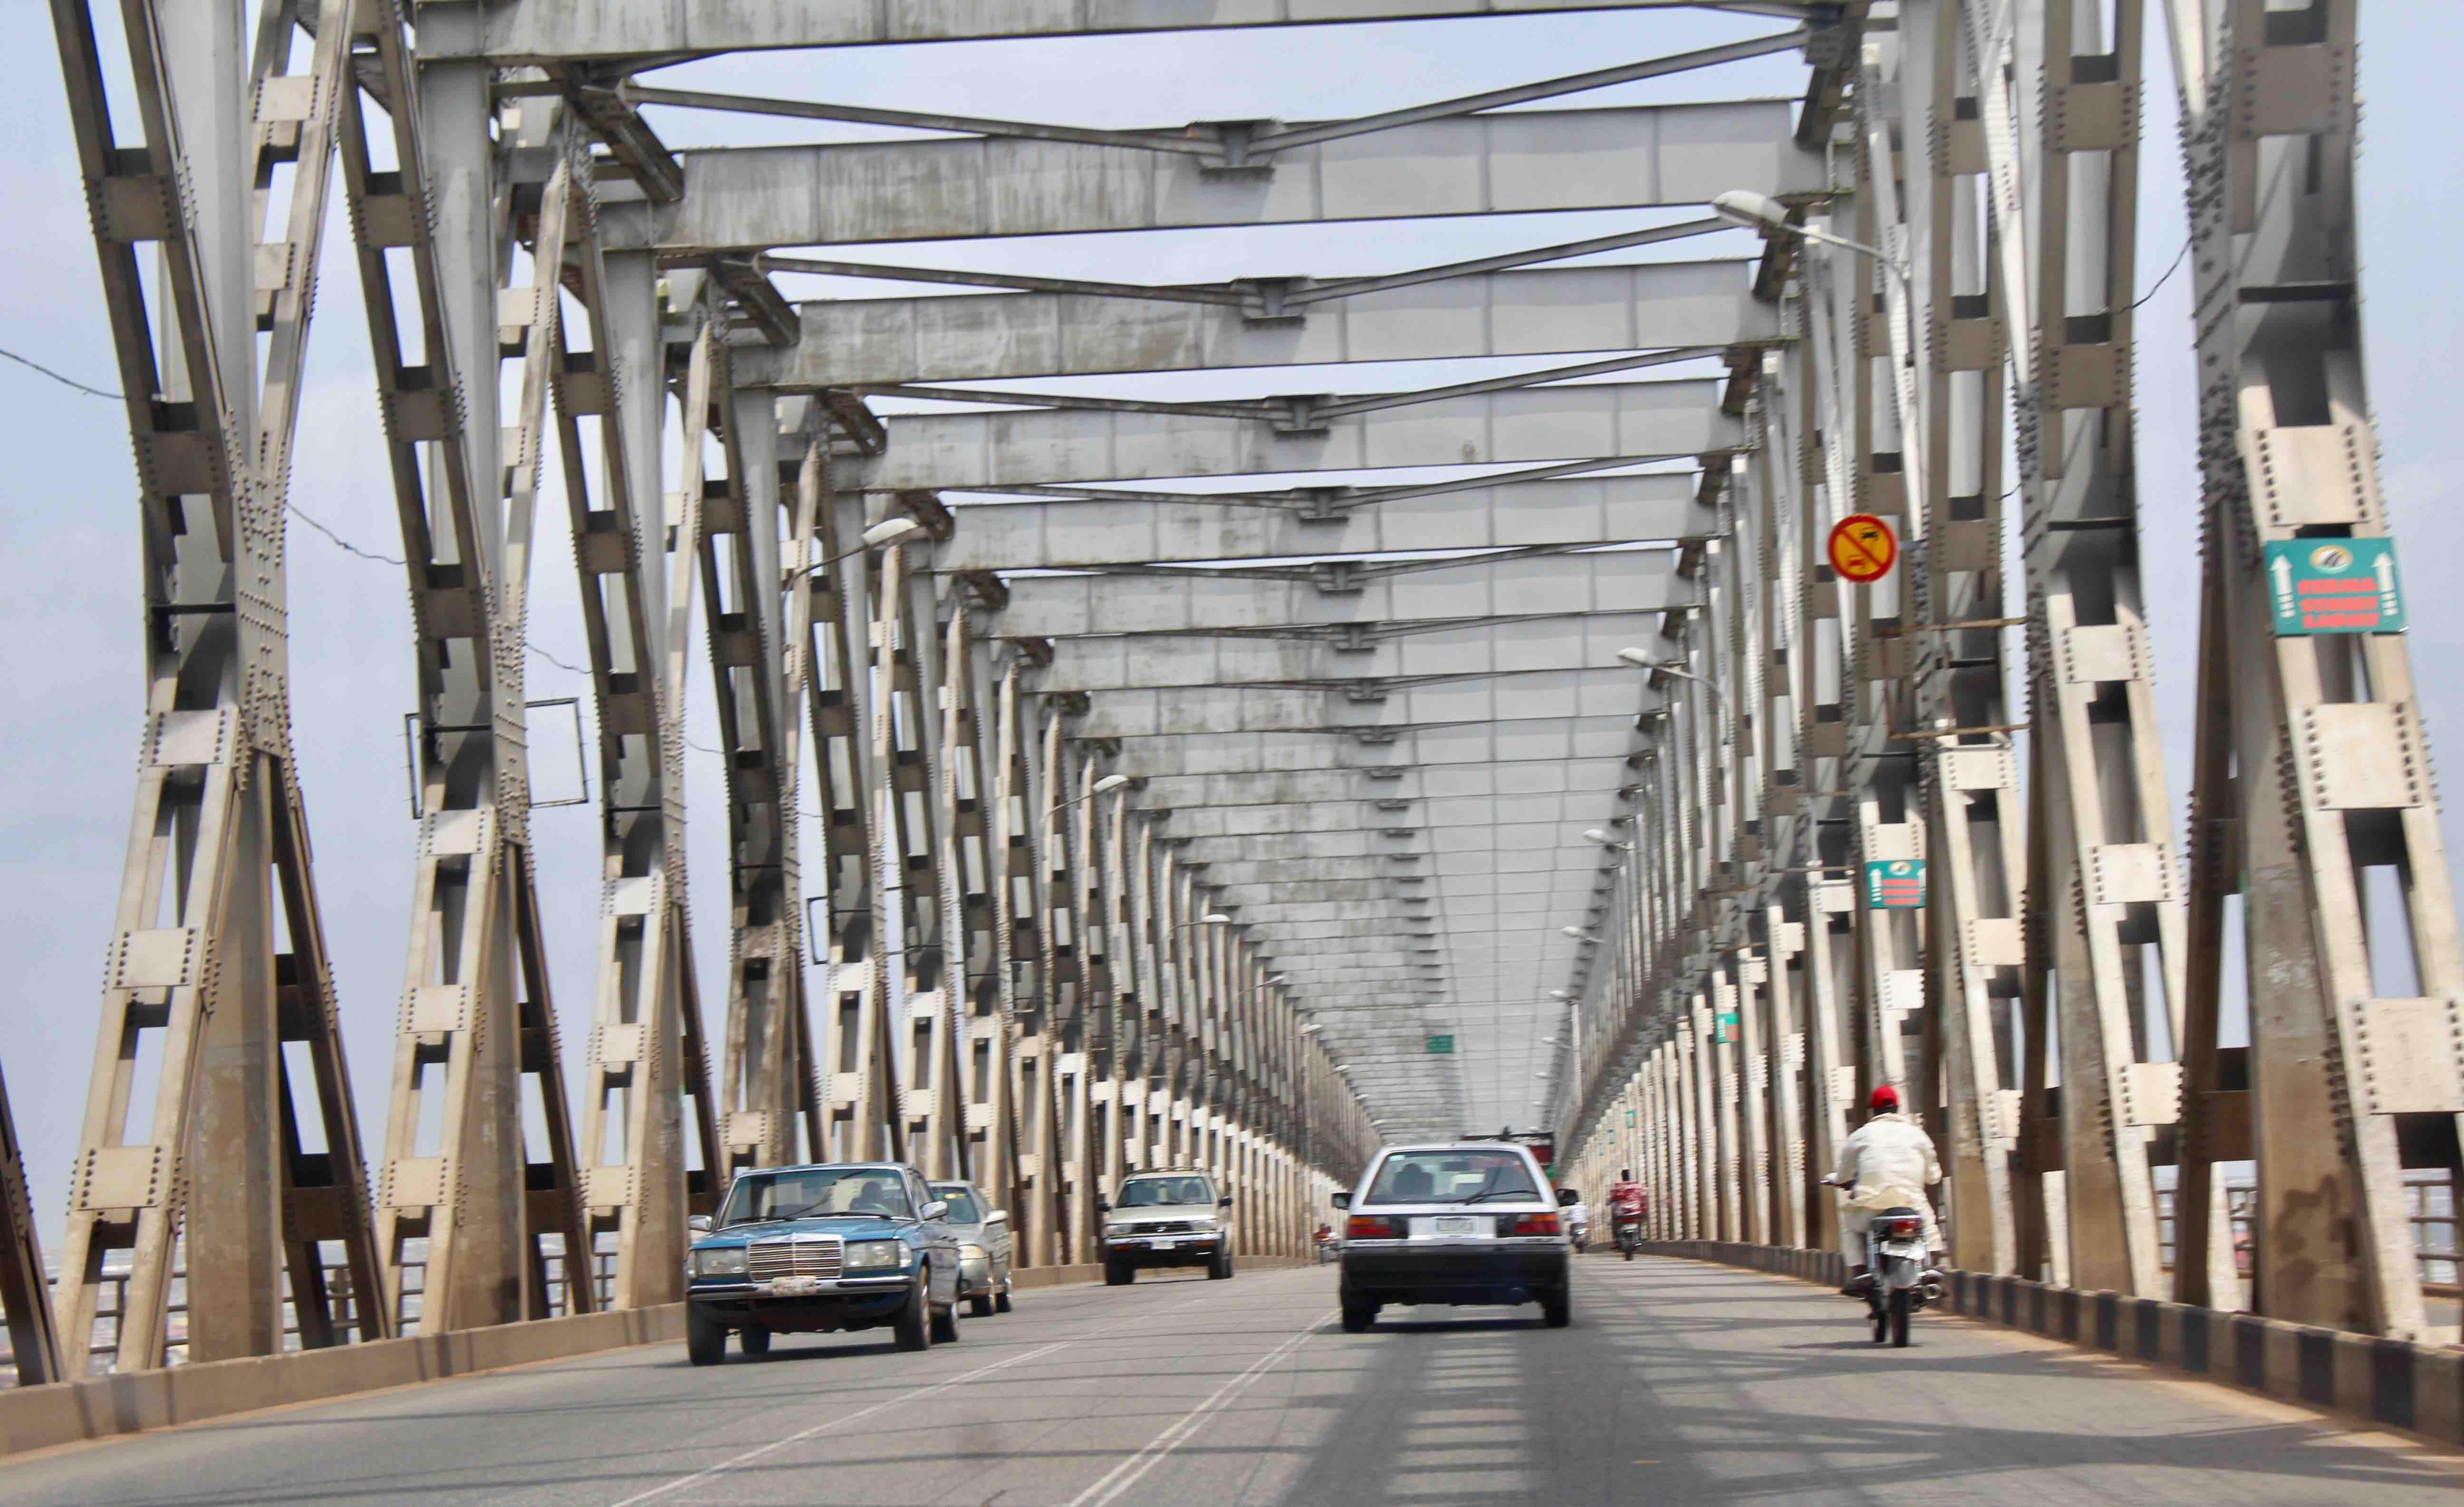 River Niger Bridge, Onitsha, Anambra State, Nigeria. #JujuFilms